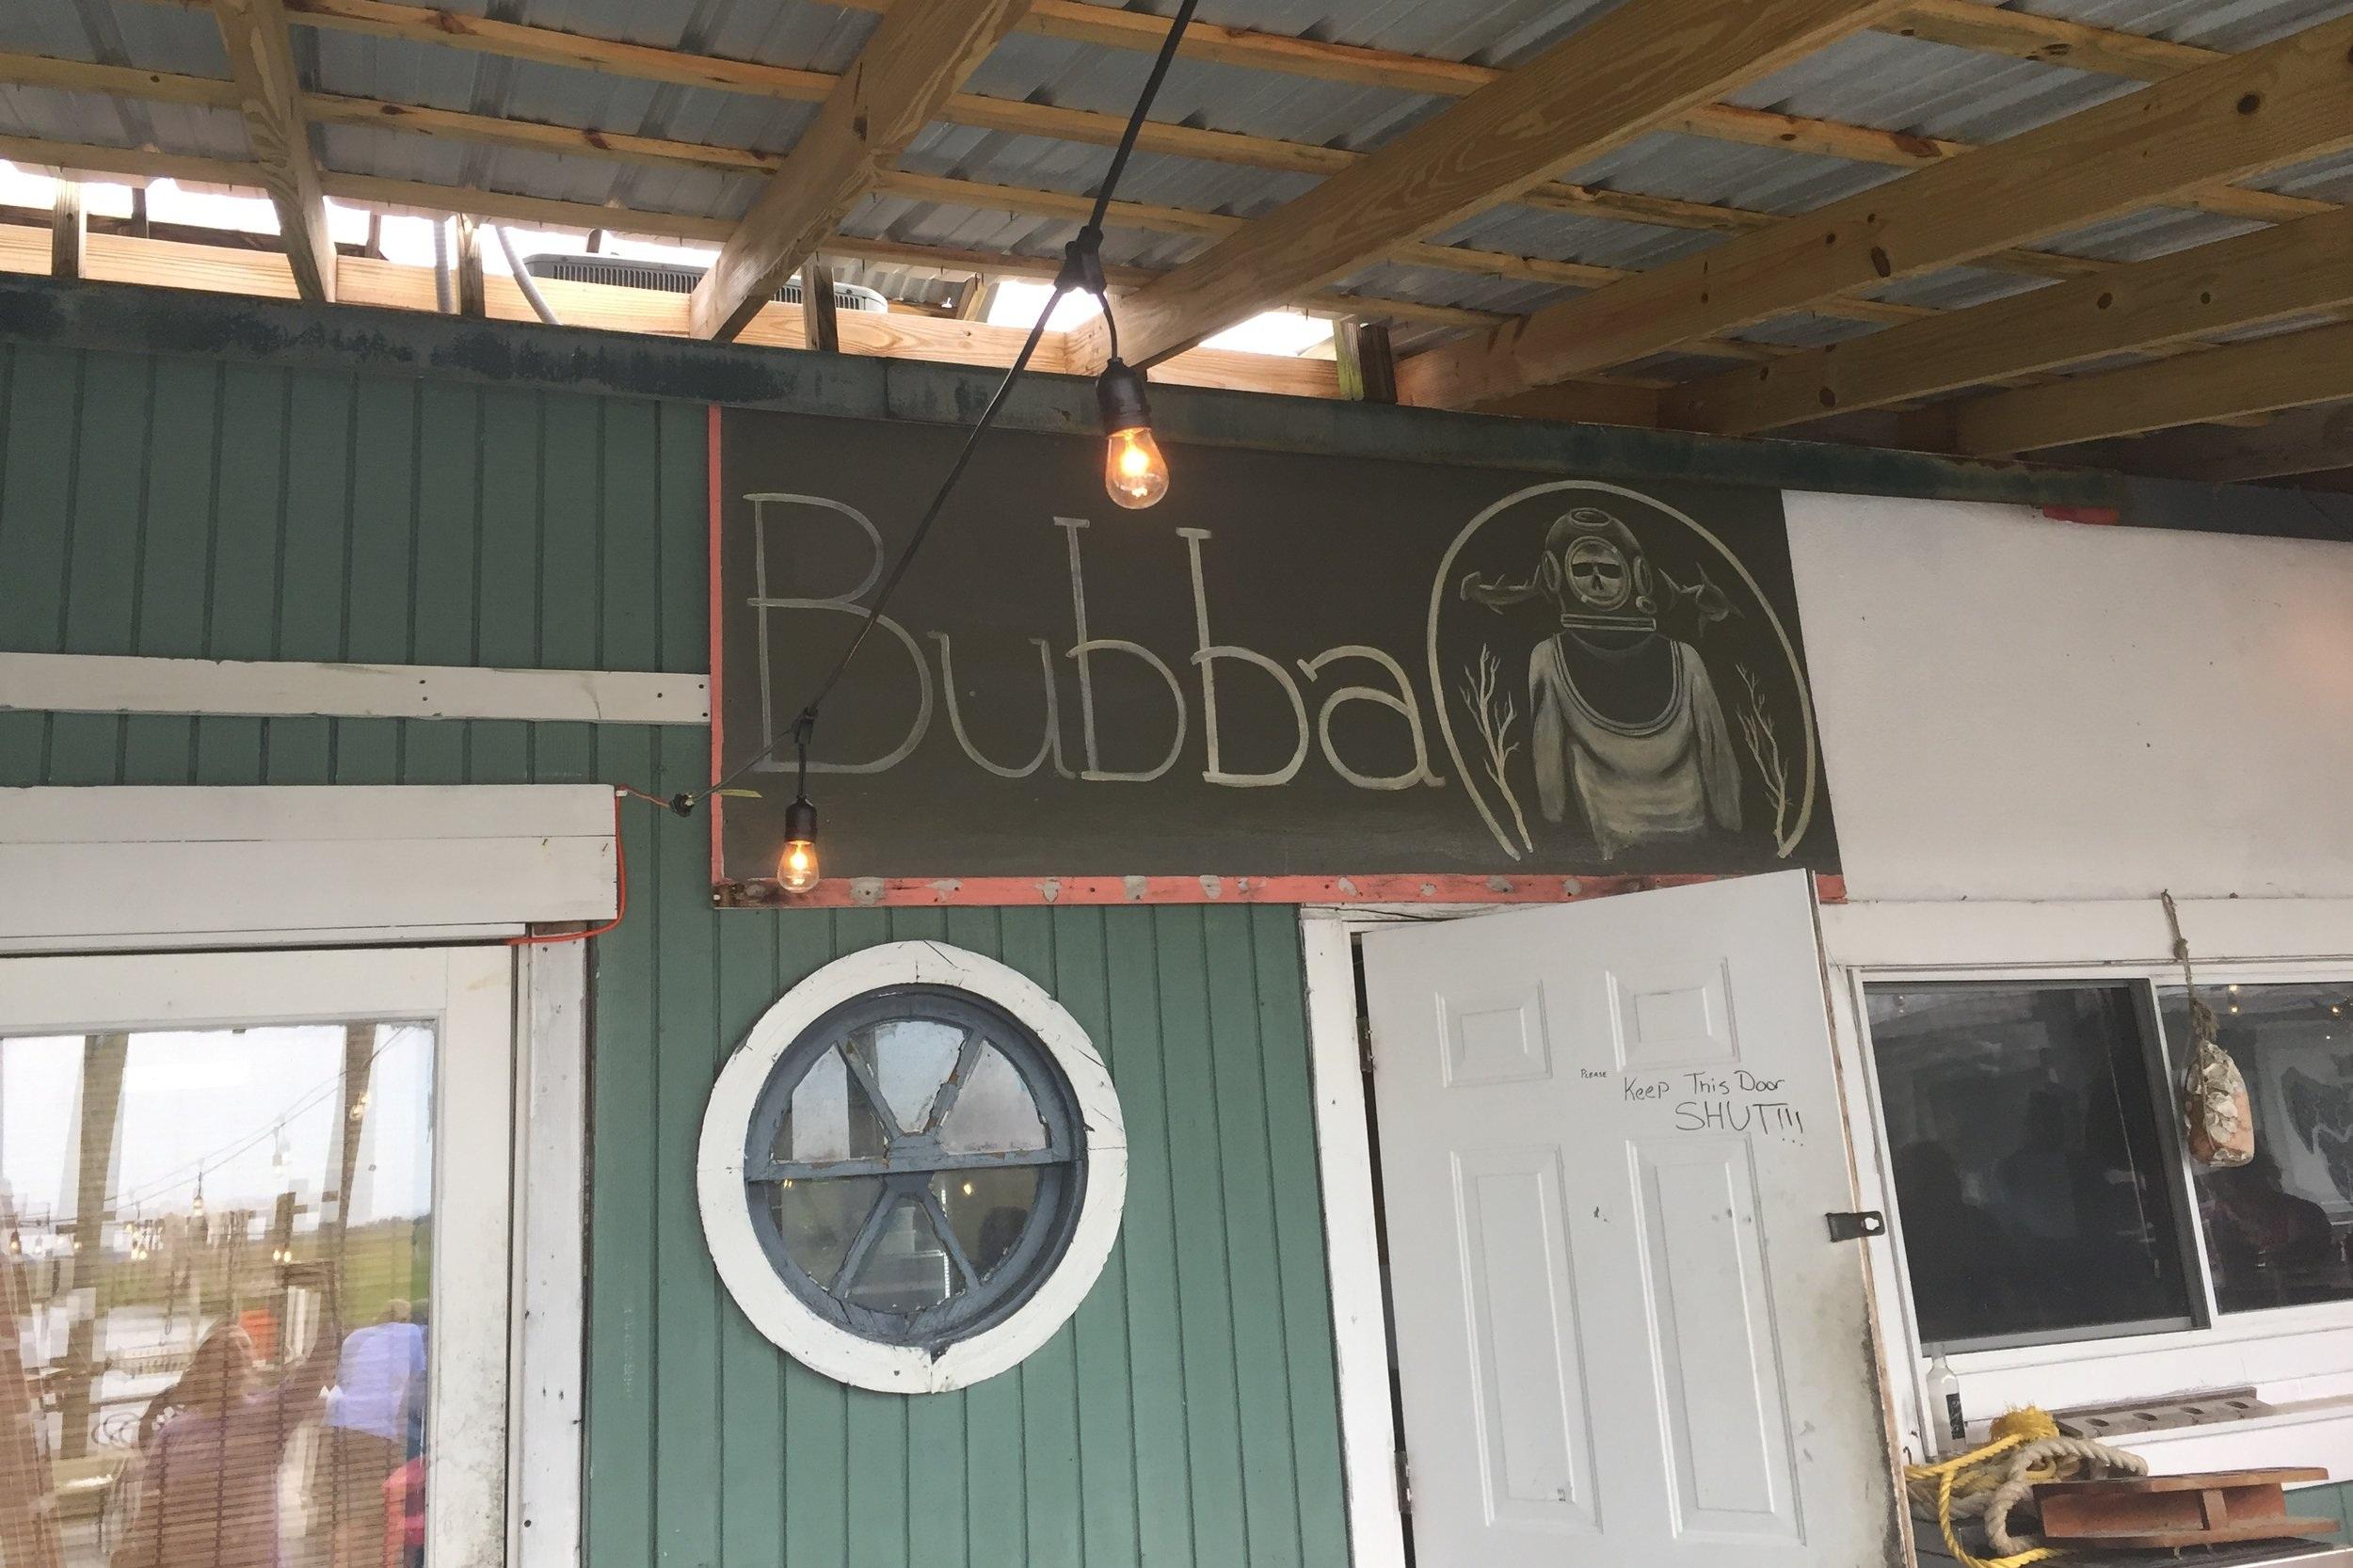 Soon, Bubba, soon.